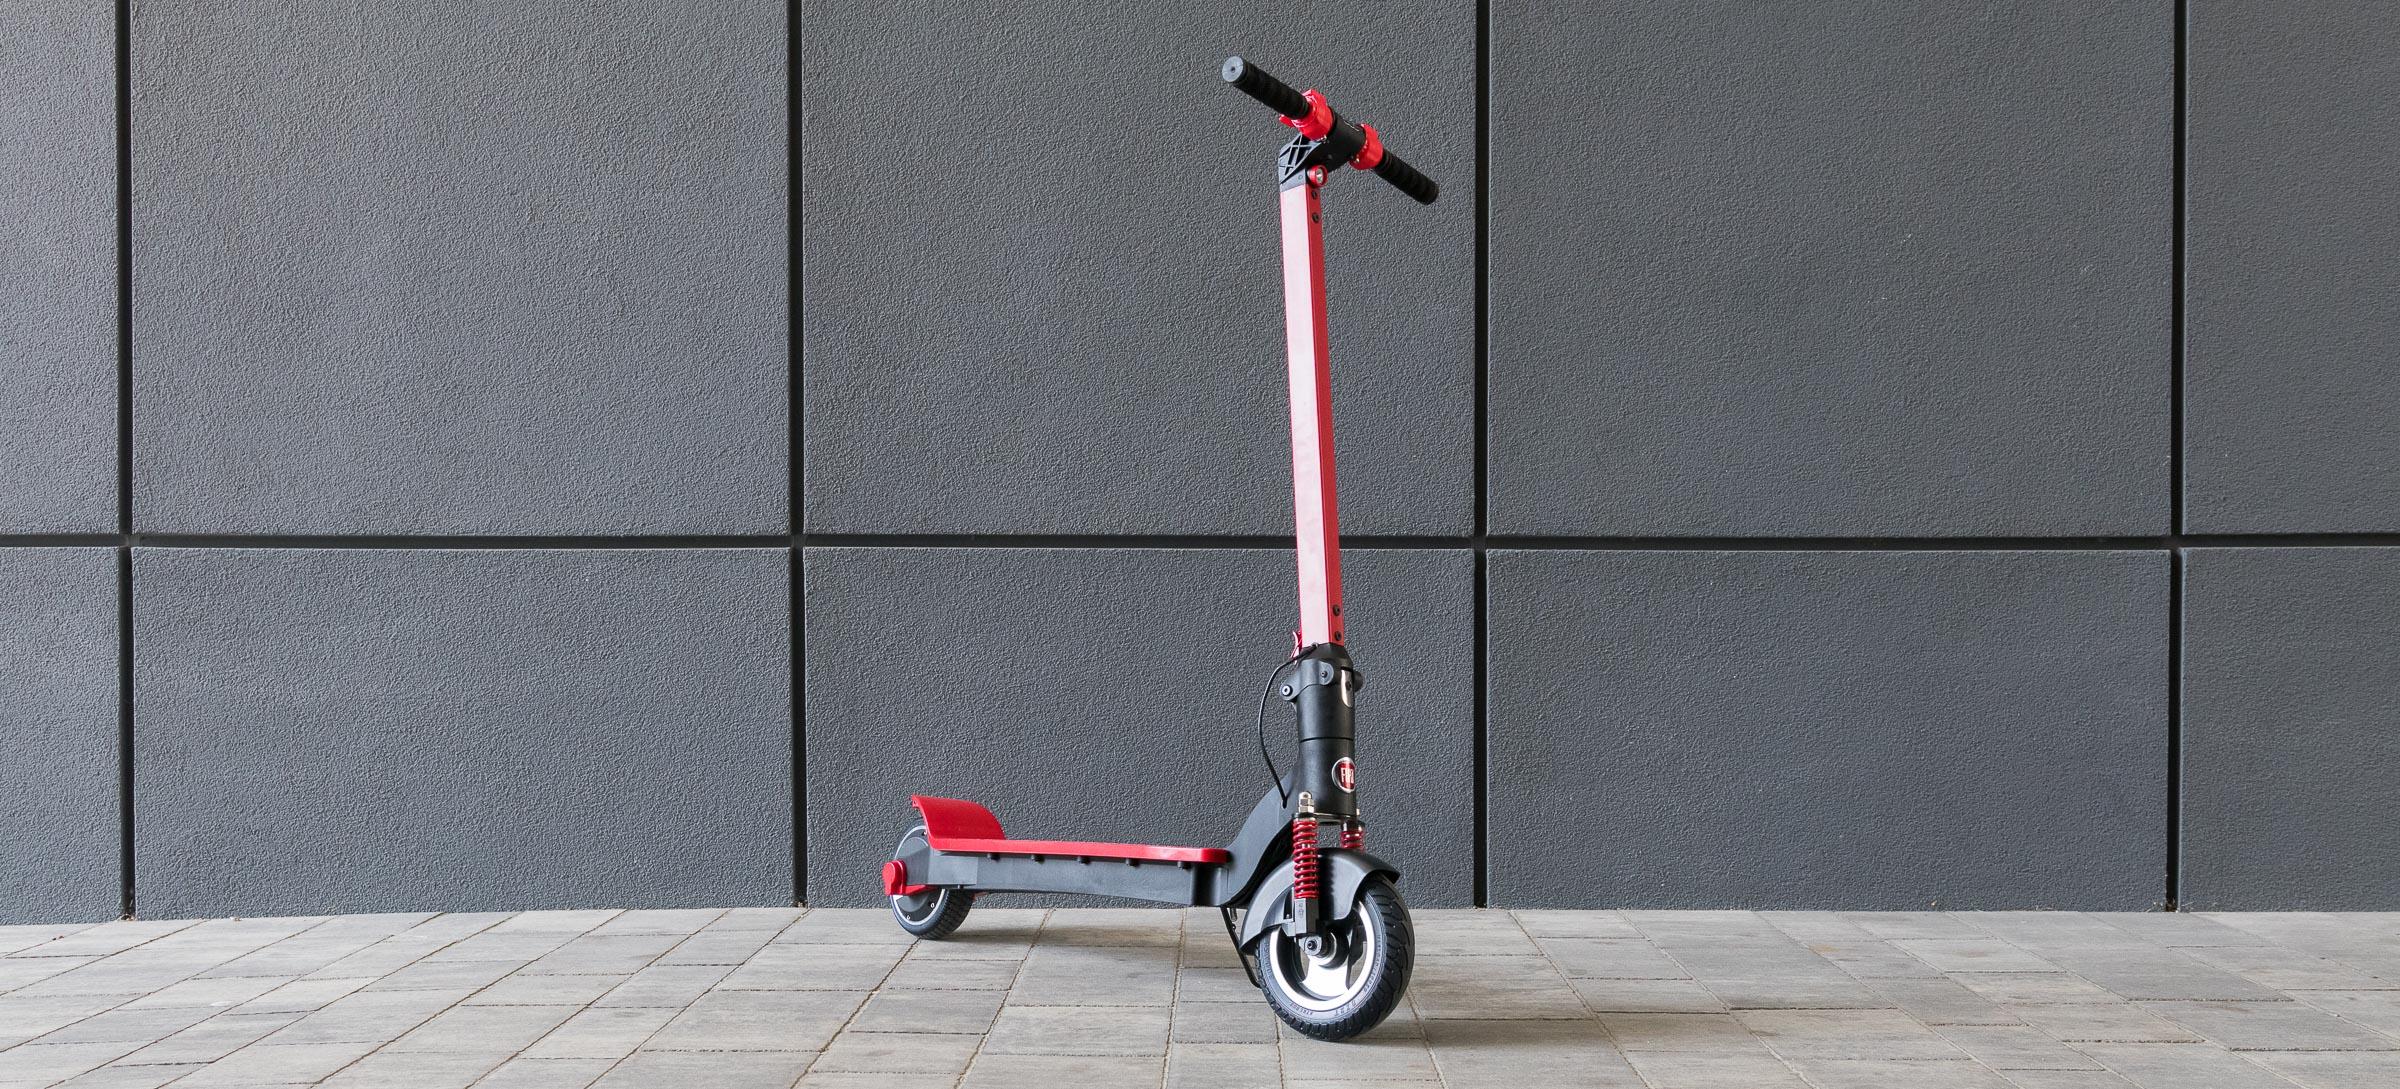 Astea Fiat F500-F80 scooter elektrikoarekin.  Zenbat estutu dezakezu ekipamendu honetatik?